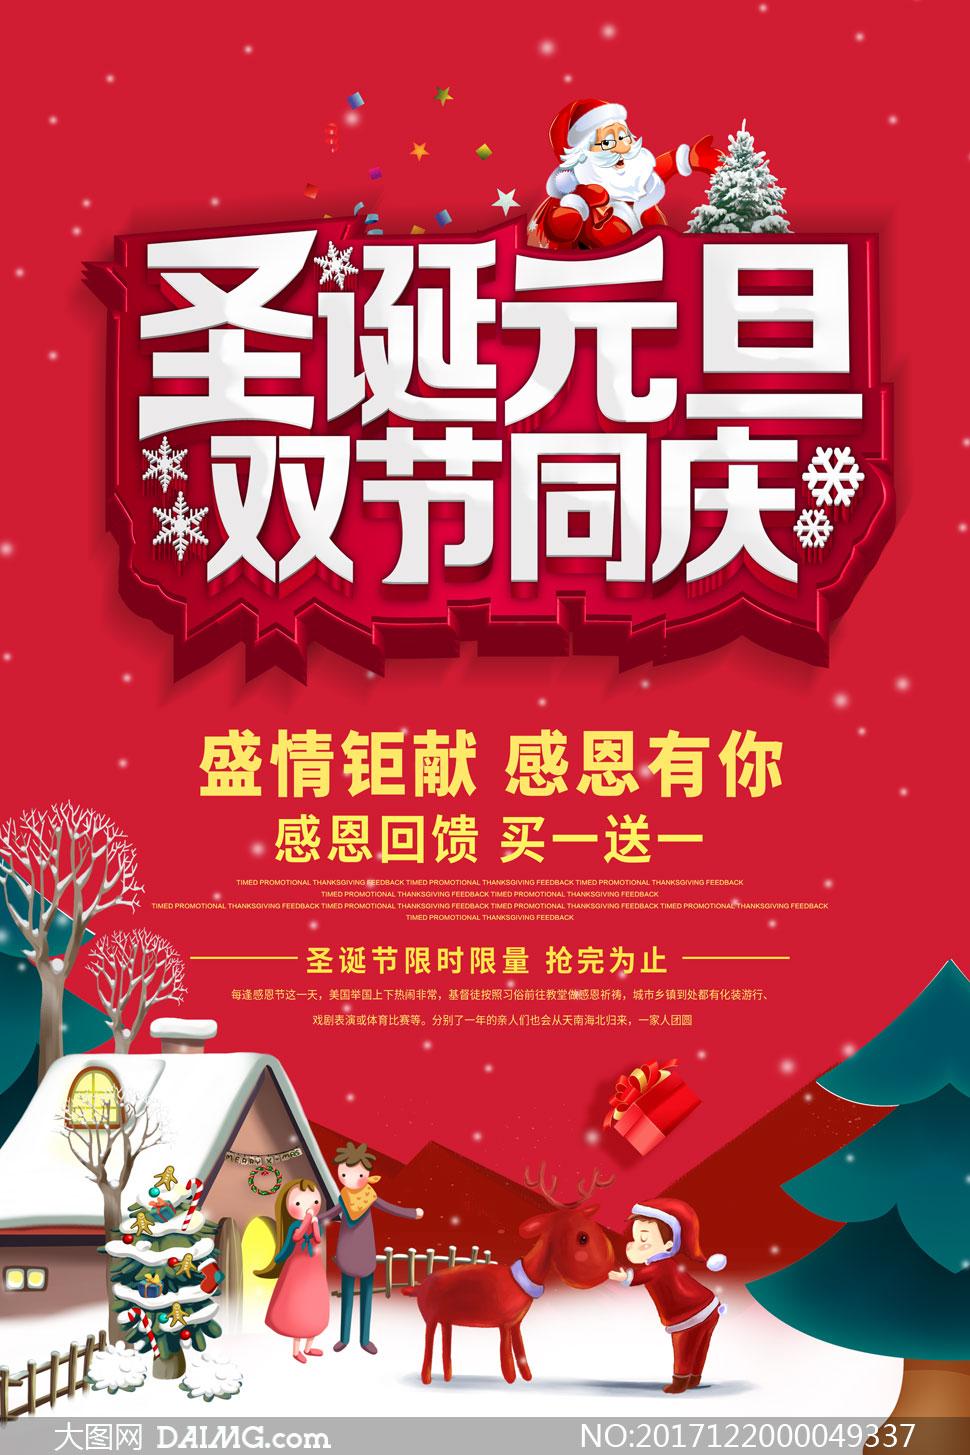 圣诞元旦双节同庆海报设计psd模板